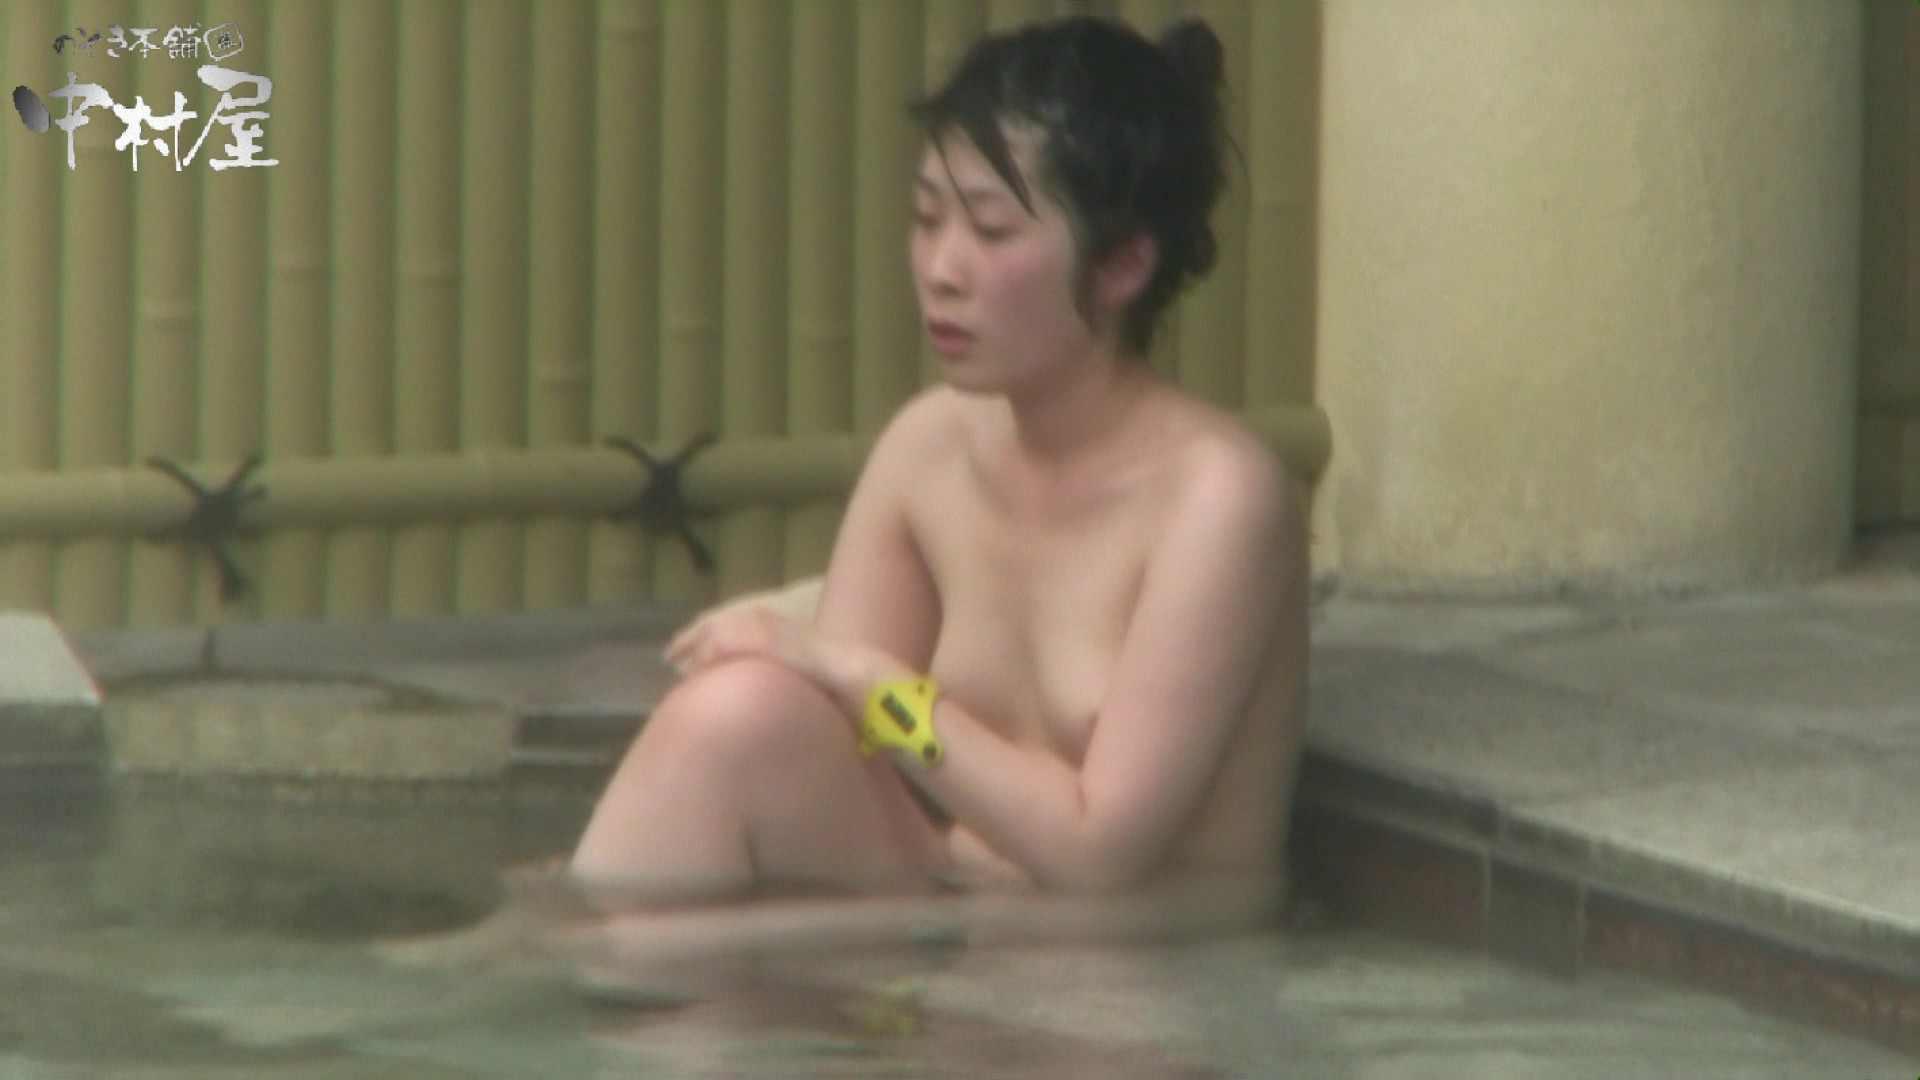 Aquaな露天風呂Vol.955 女体盗撮  74連発 39